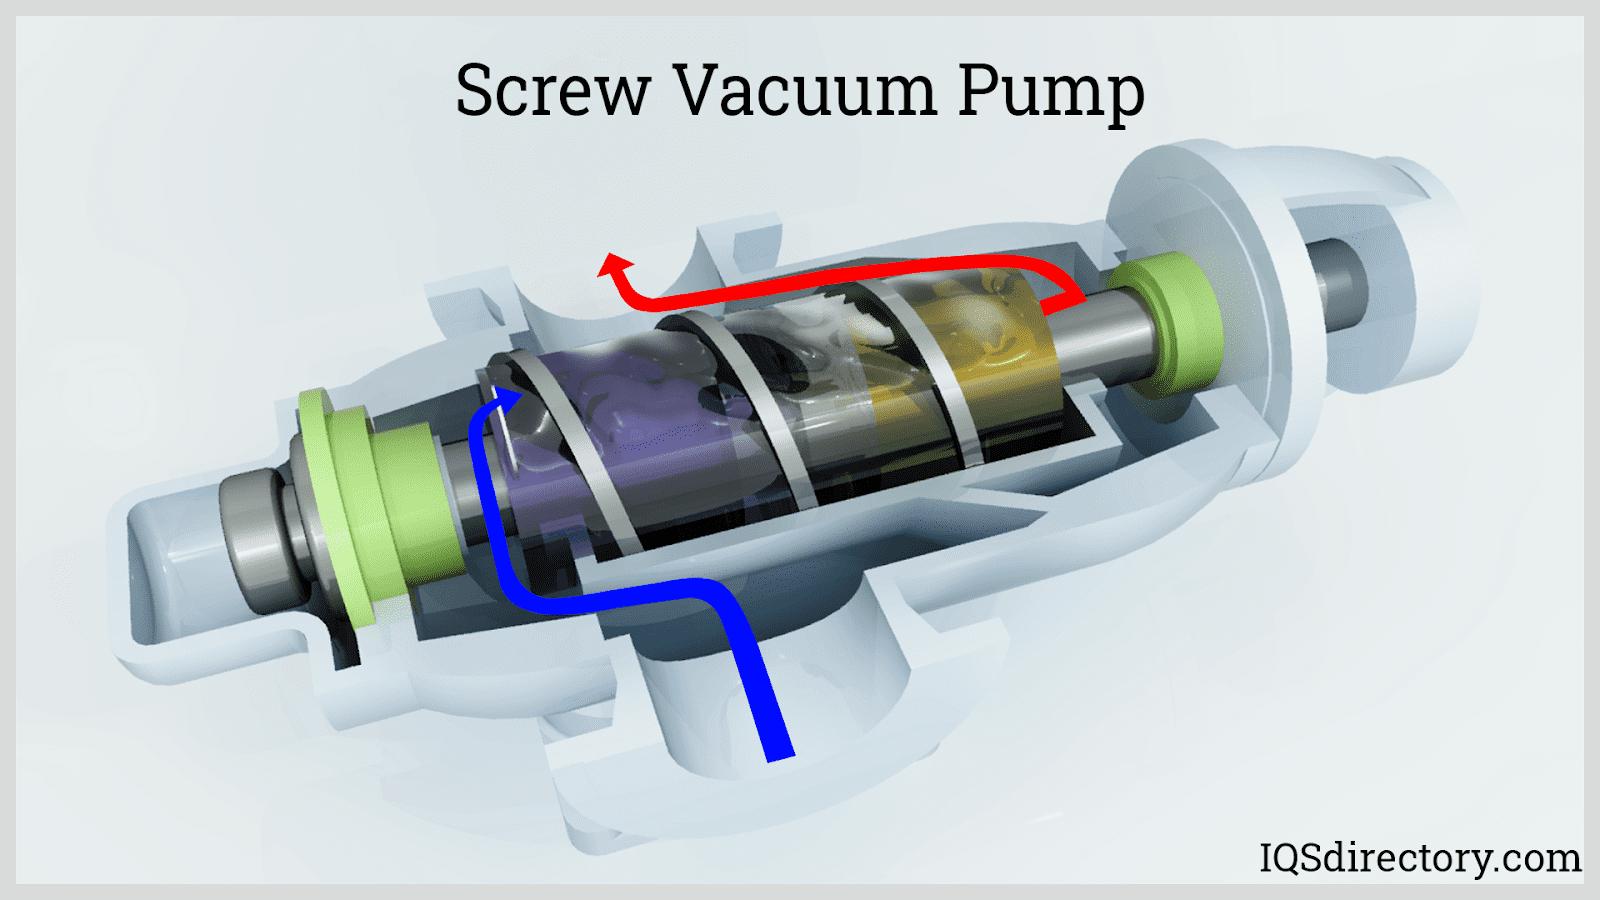 Screw Vacuum Pump